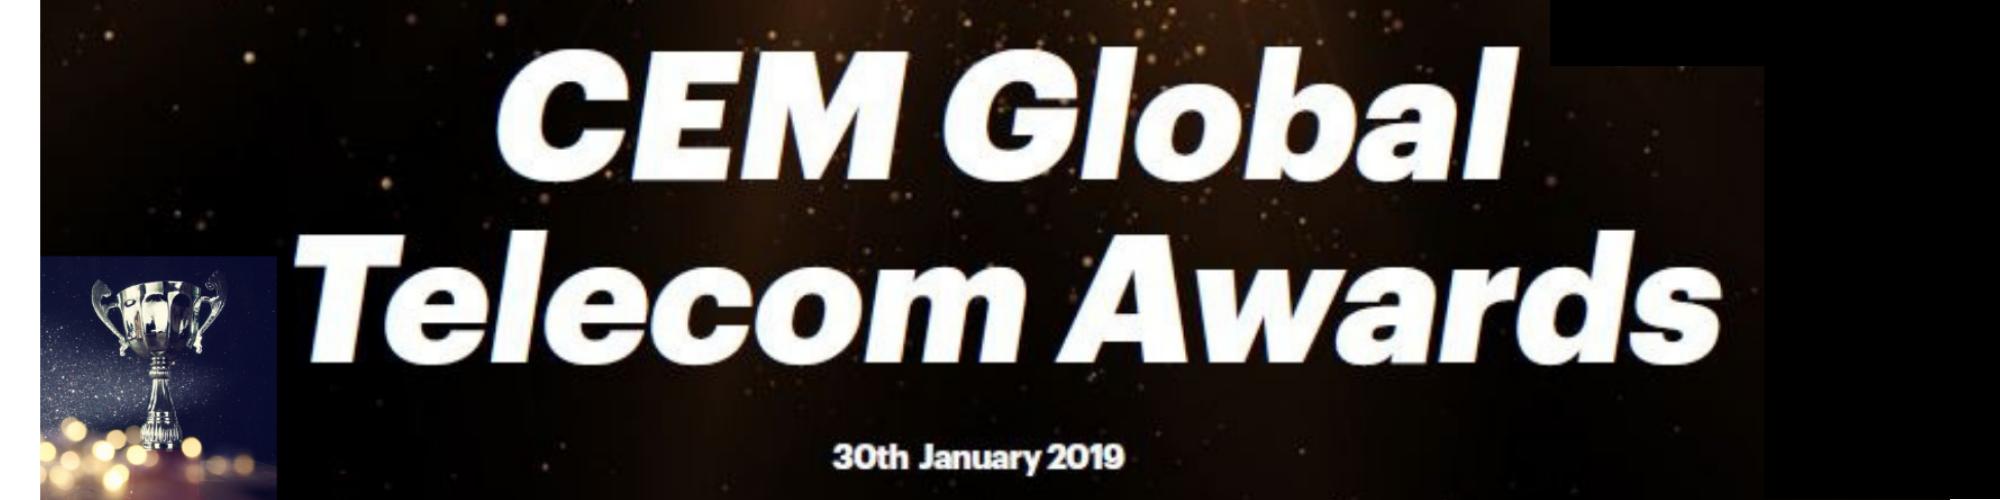 cem_global_telecom_awards